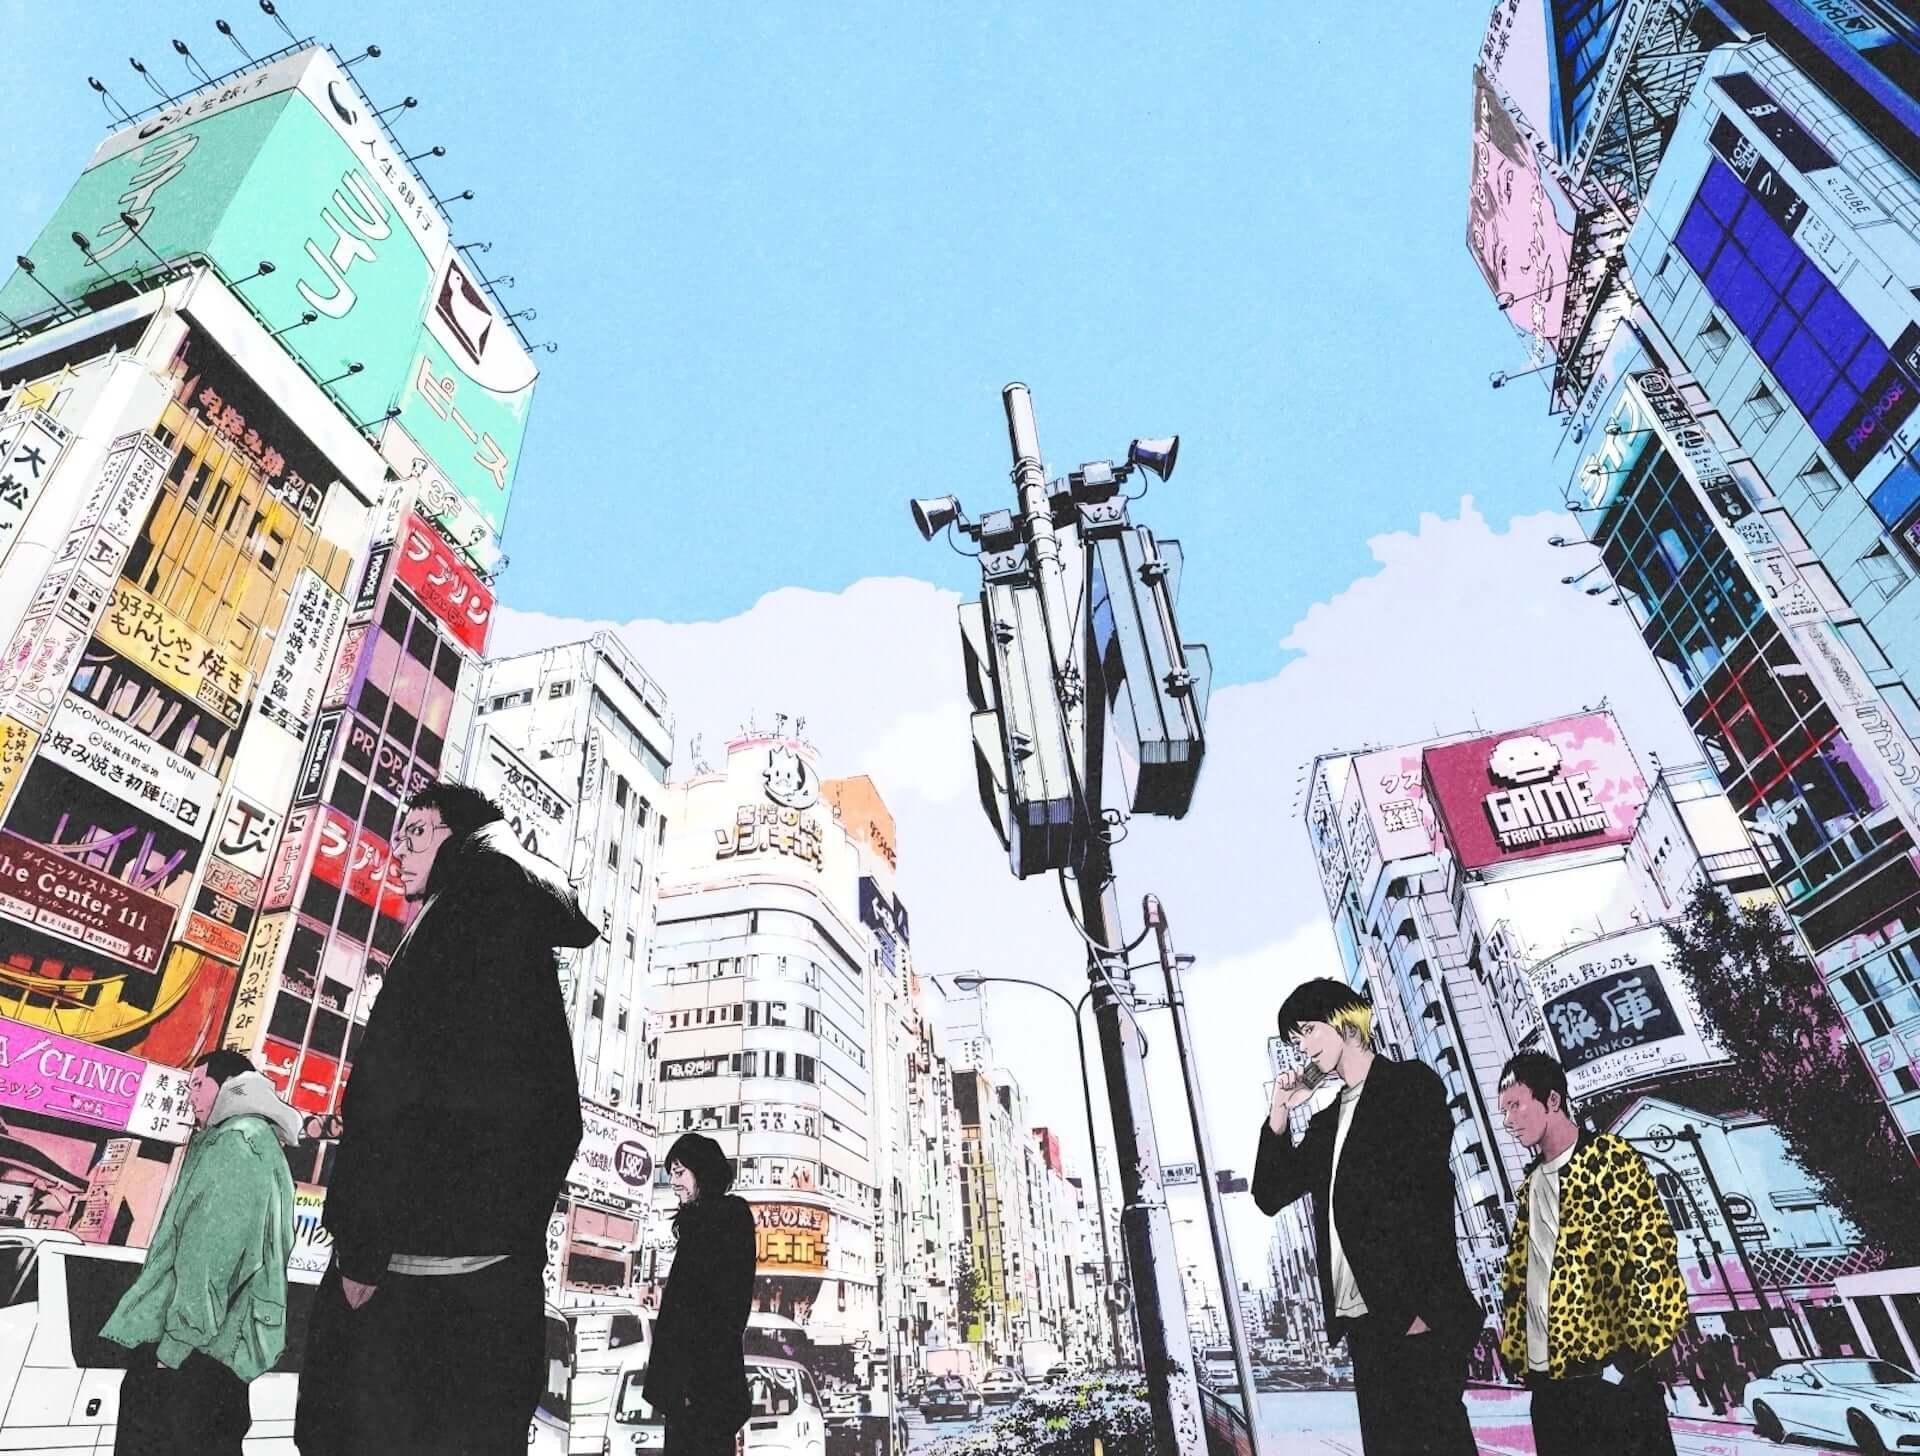 <第23回文化庁メディア芸術祭受賞作品展>が日本科学未来館で開催決定!VRカメラによるオンラインコンテンツも展開 art200910_mediaartsfes_2-1920x1456